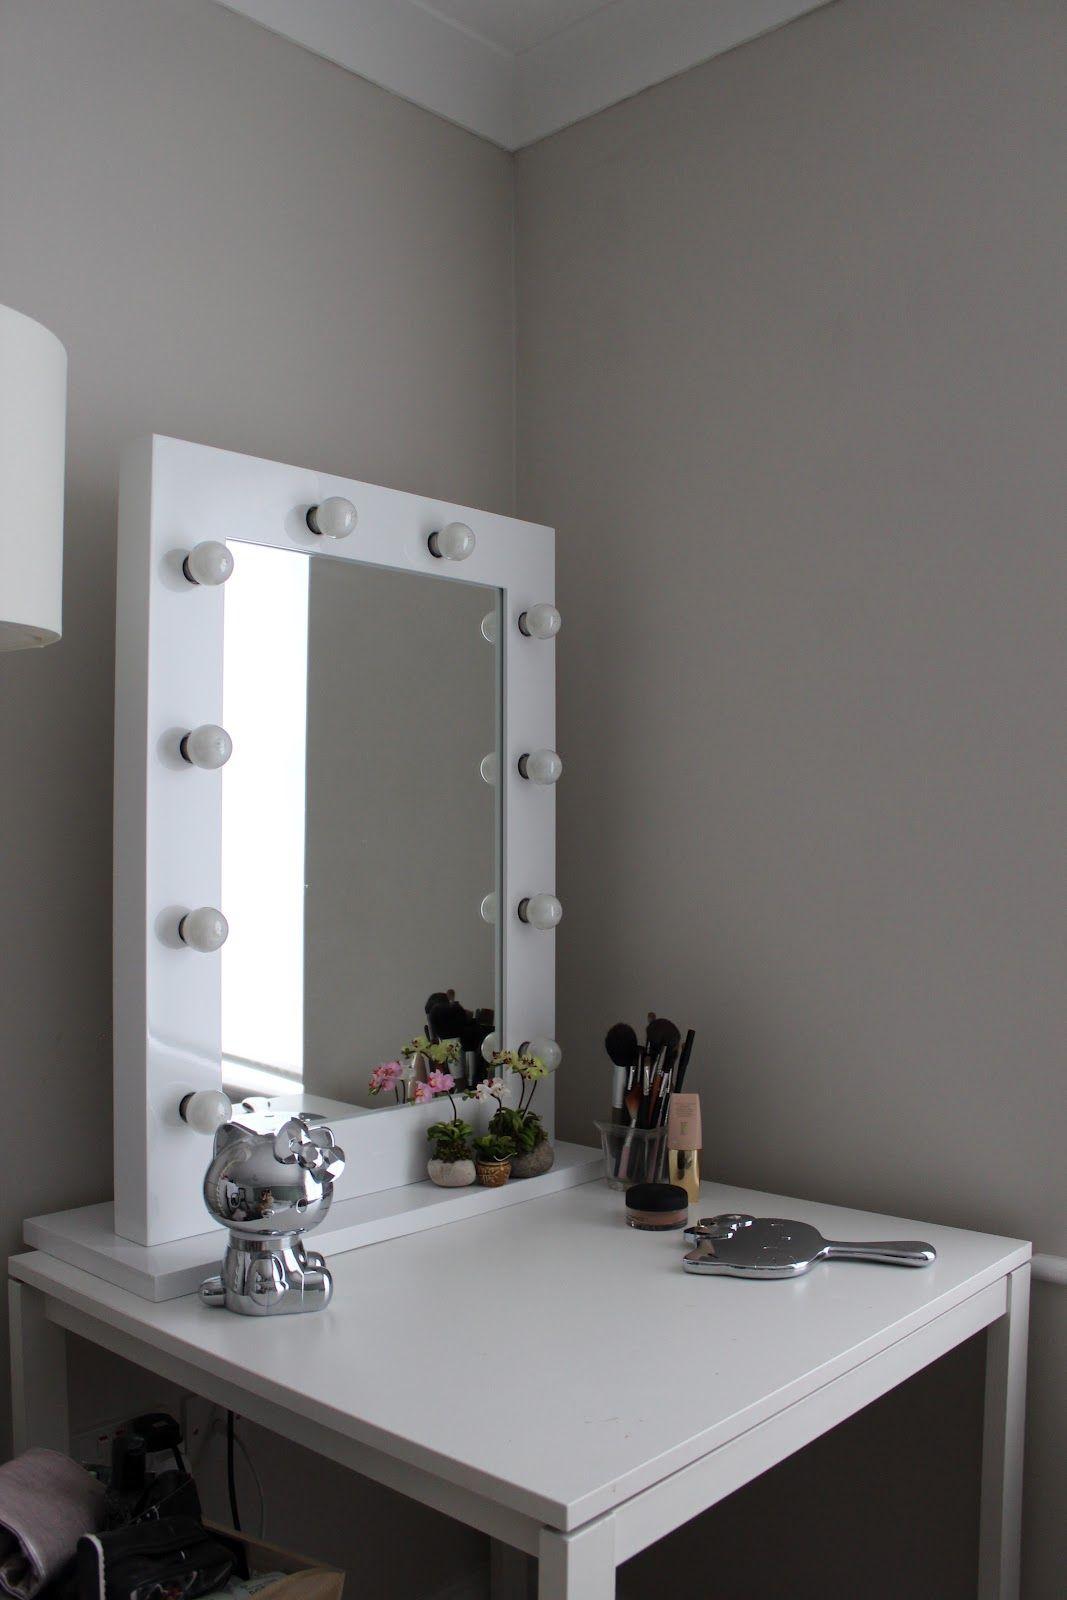 Hollywood Vanity Mirror Cute Things Pinterest Mirror Mirror